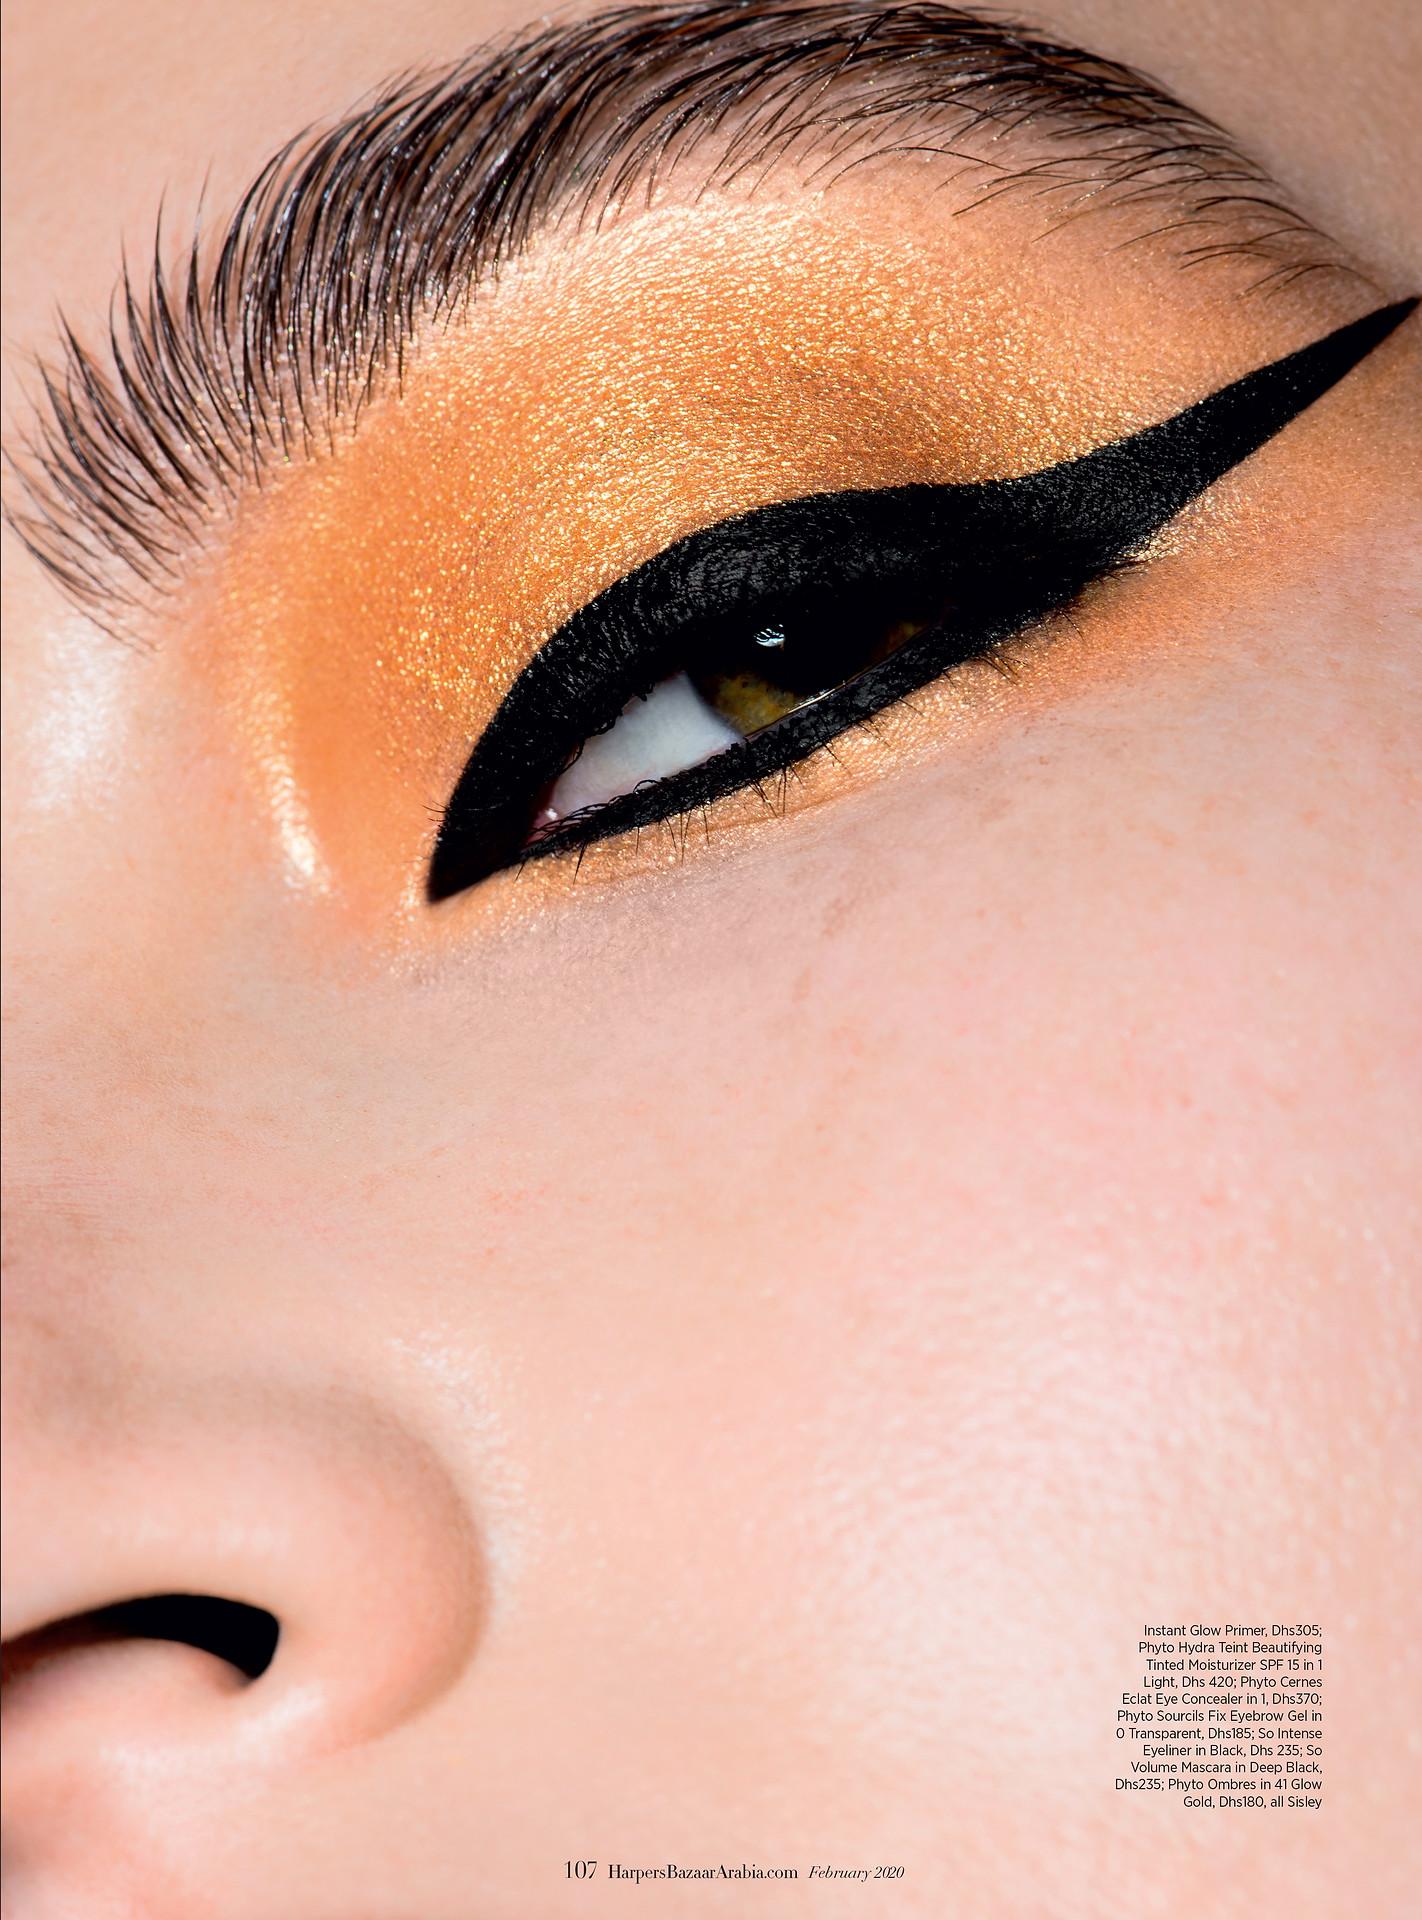 Sisley Beauty February issue-1b.jpg